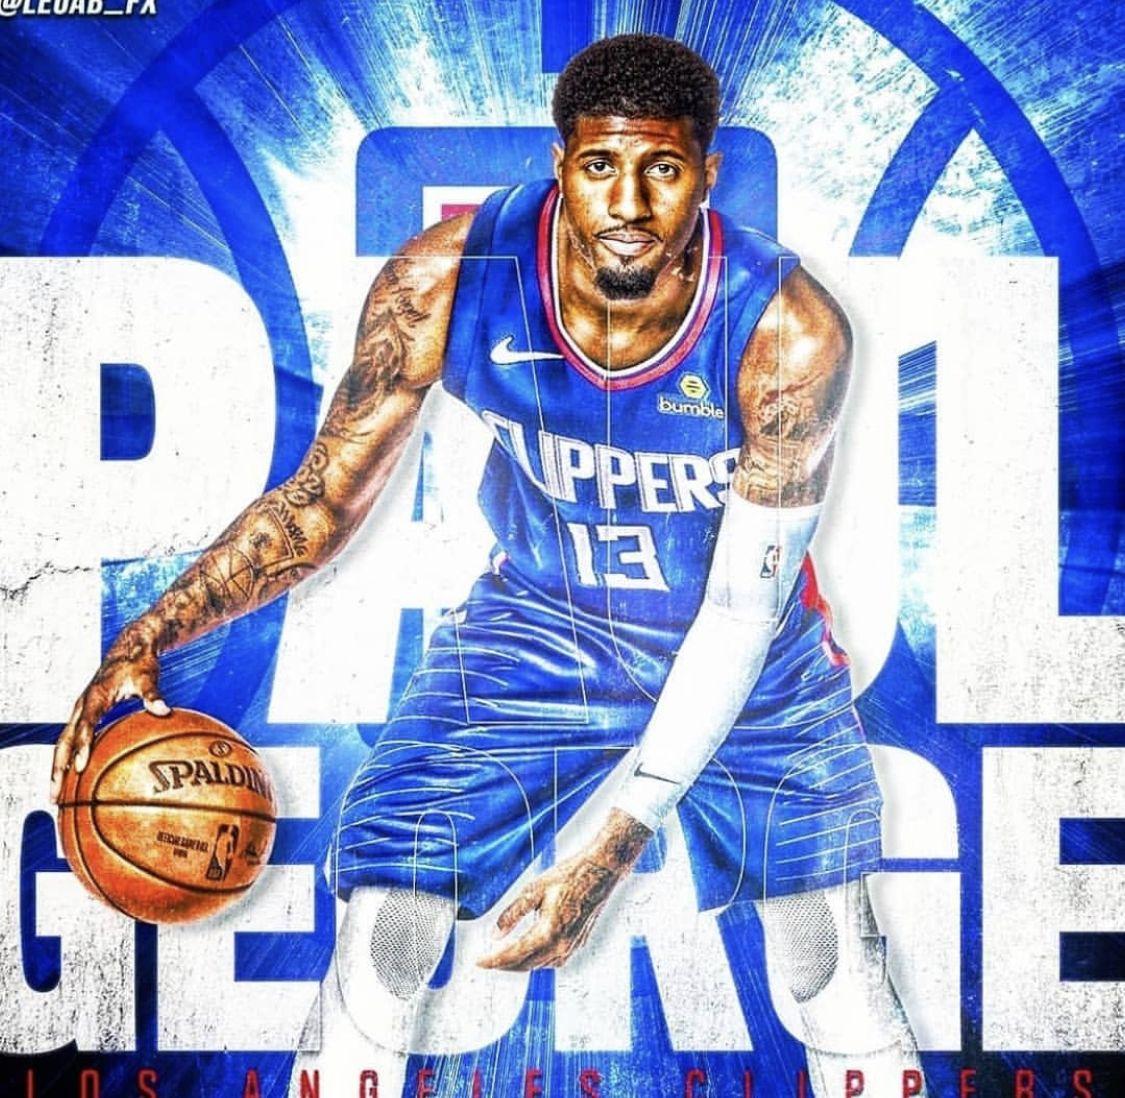 La Clippers Nba Basketball Teams La Clippers Nba Artwork